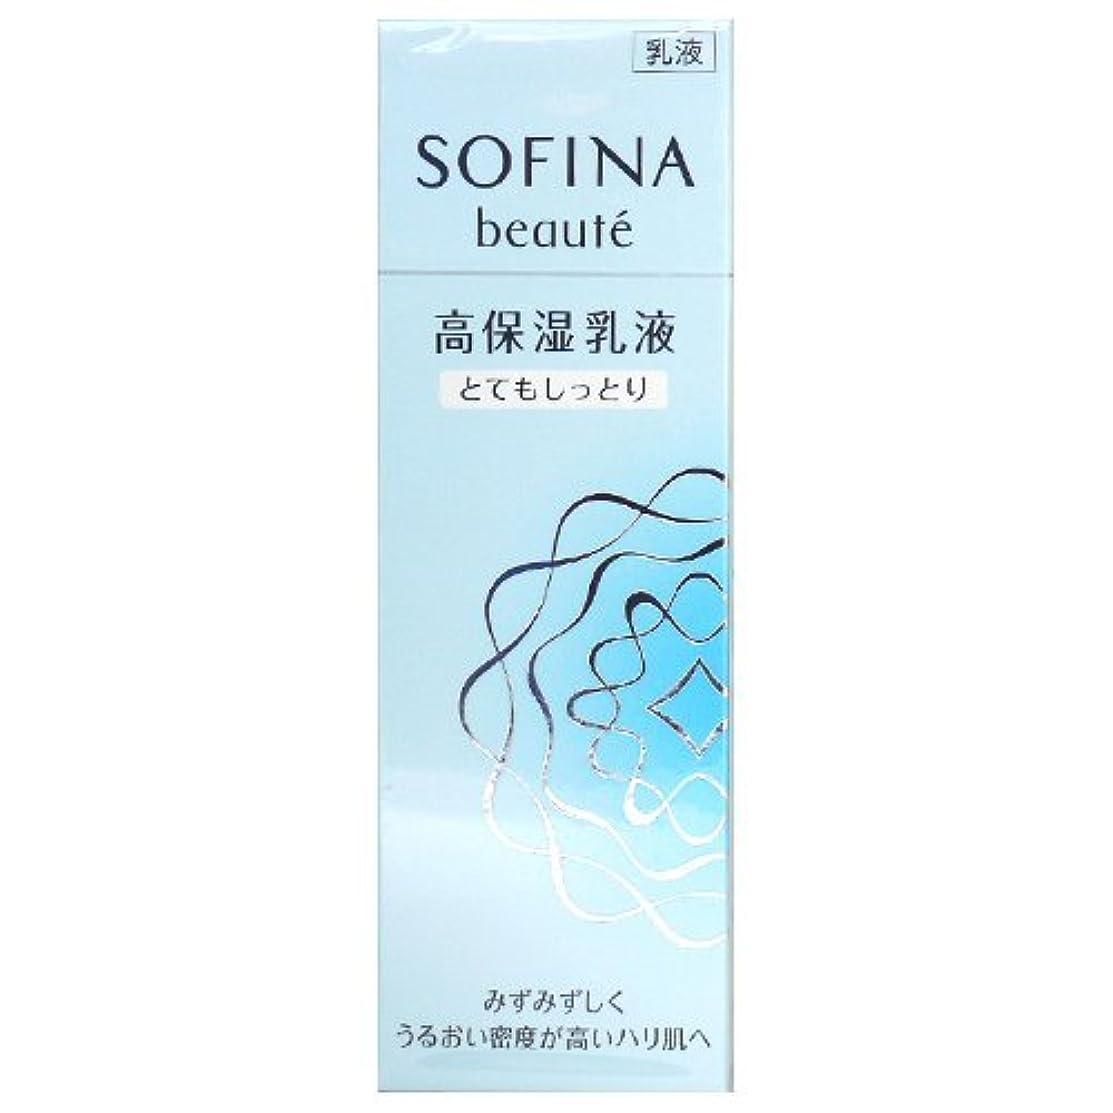 万一に備えてメッシュ首謀者花王 ソフィーナ ボーテ SOFINA beaute 高保湿乳液 とてもしっとり 60g [並行輸入品]